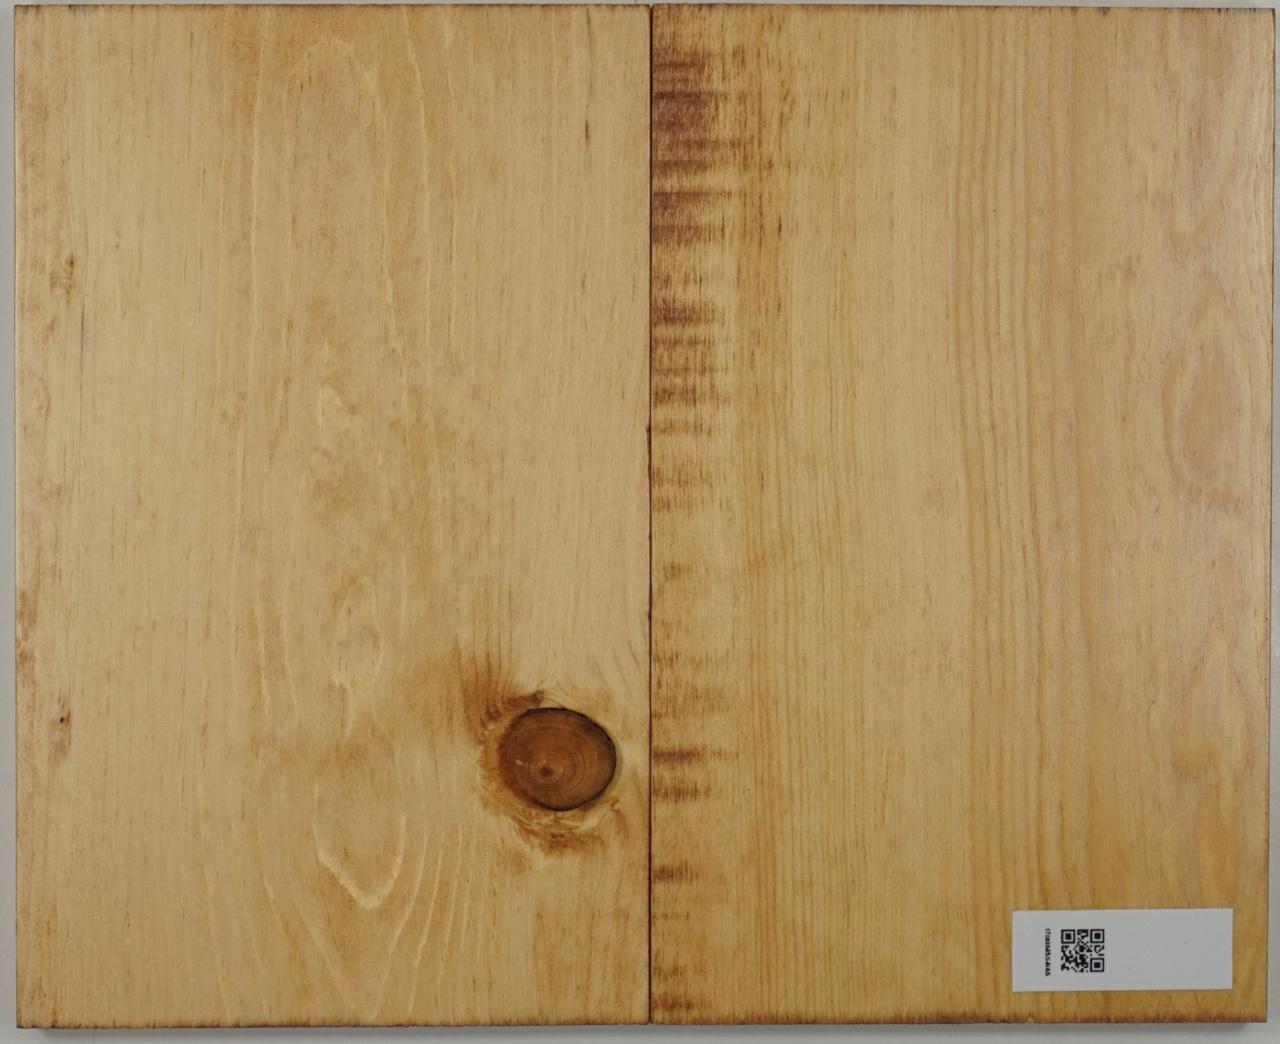 170828-ISG-NAS-F